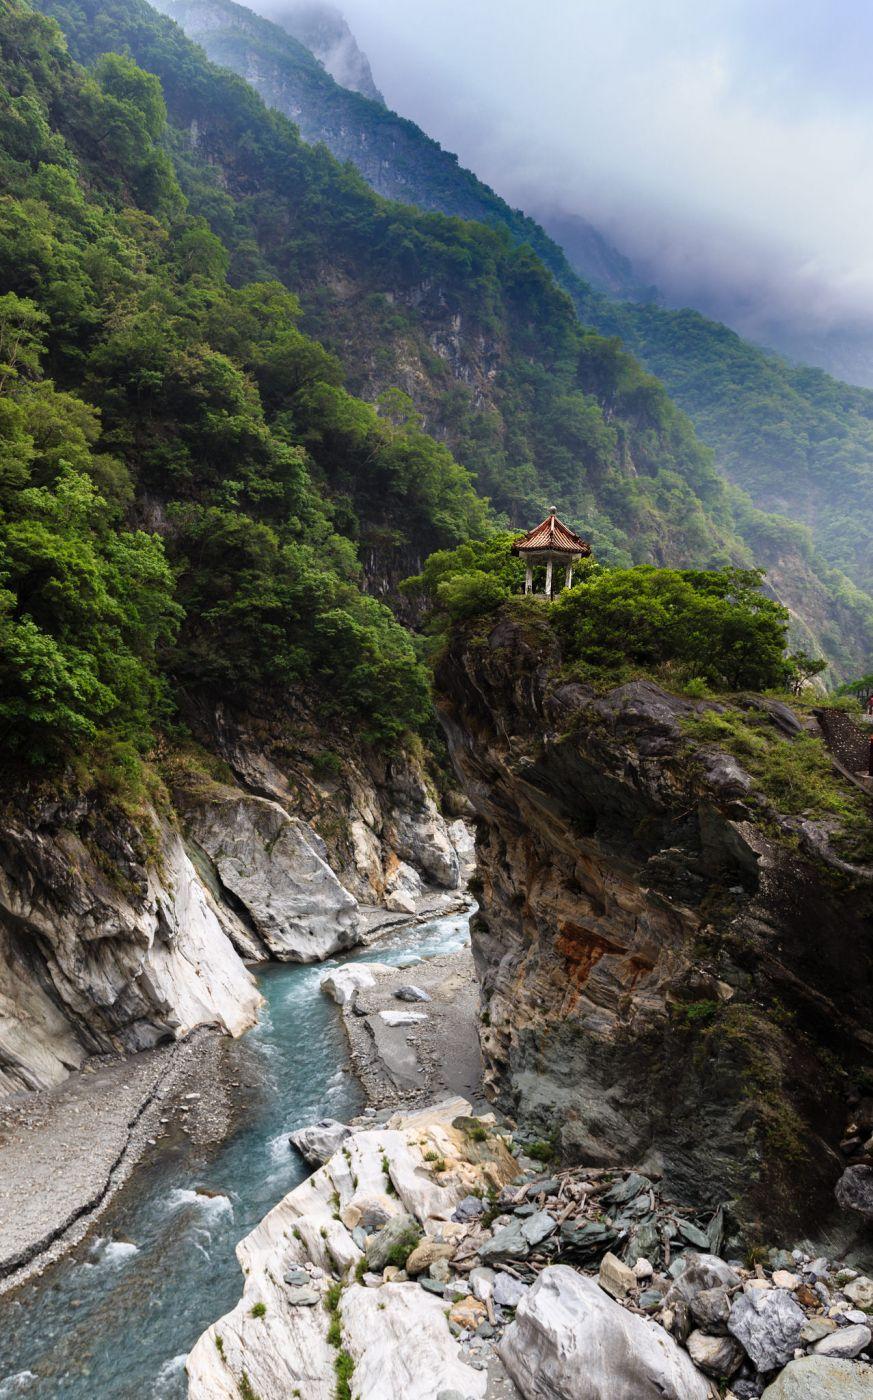 Lanting, Taroko Gorge, Taiwan, Taiwan